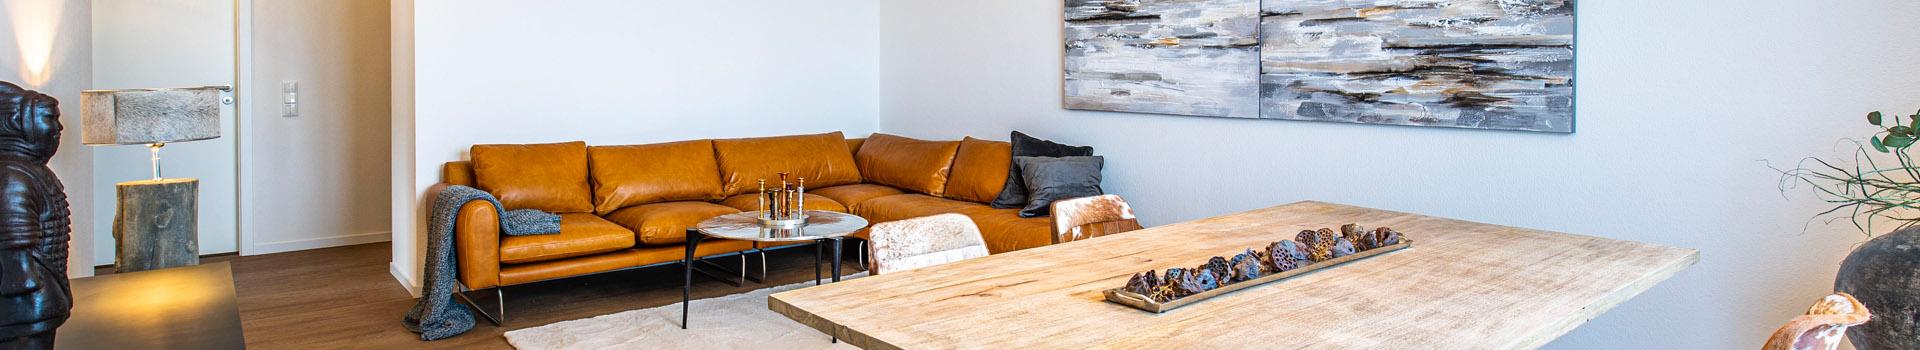 Innenarchitektur / Interior Design - Stilschmiede - Susanne Loeffler